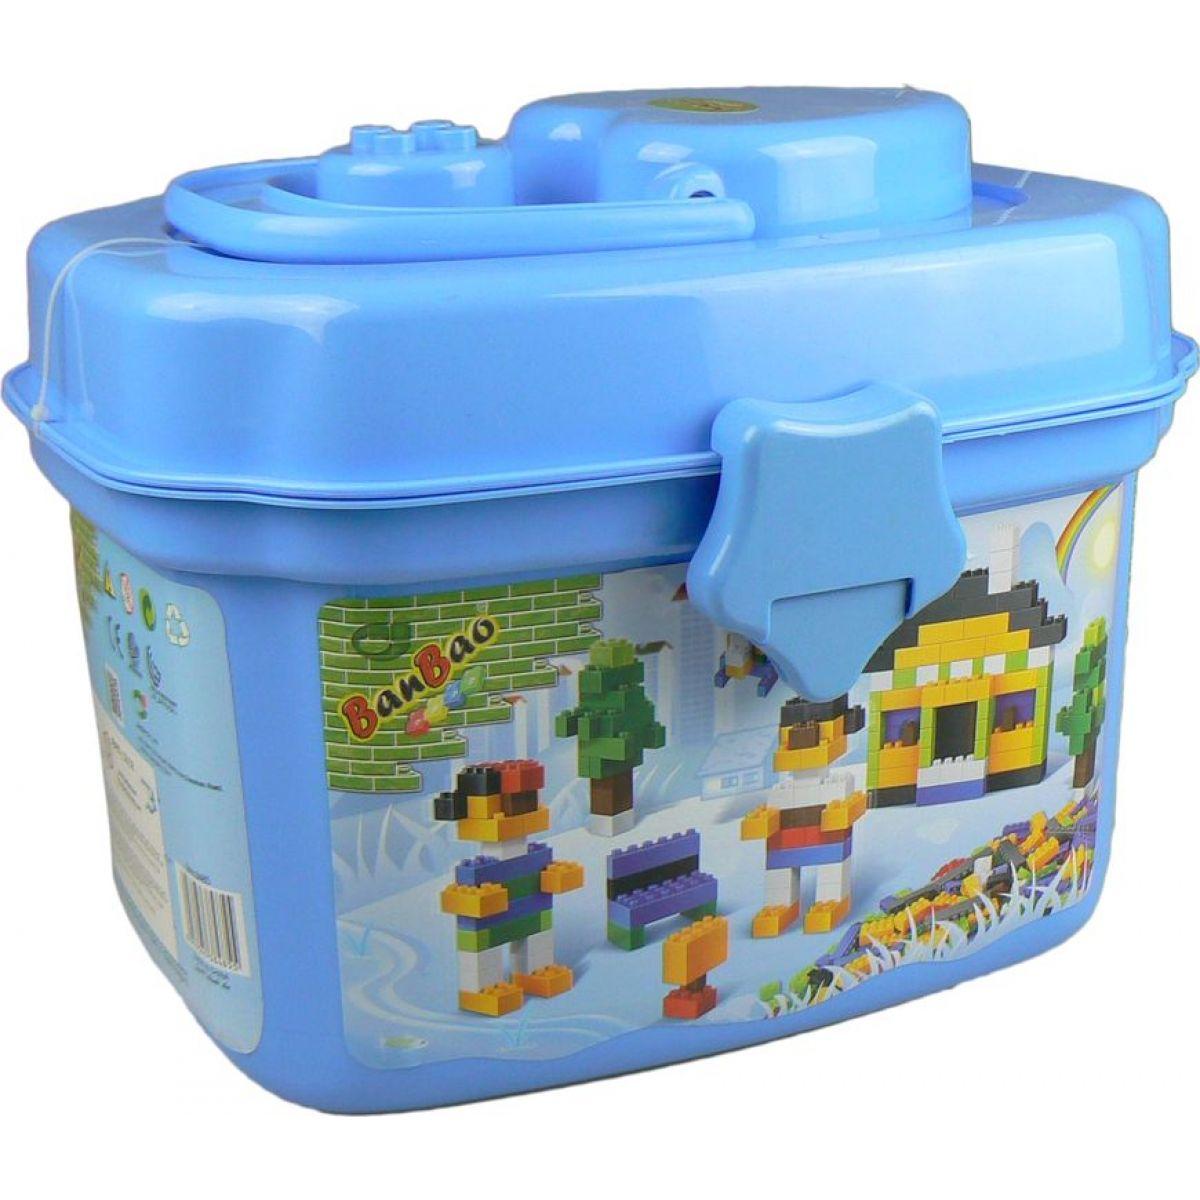 Banbao 8485 Základní kostky 660 dílků v plastovém boxu - Modrá